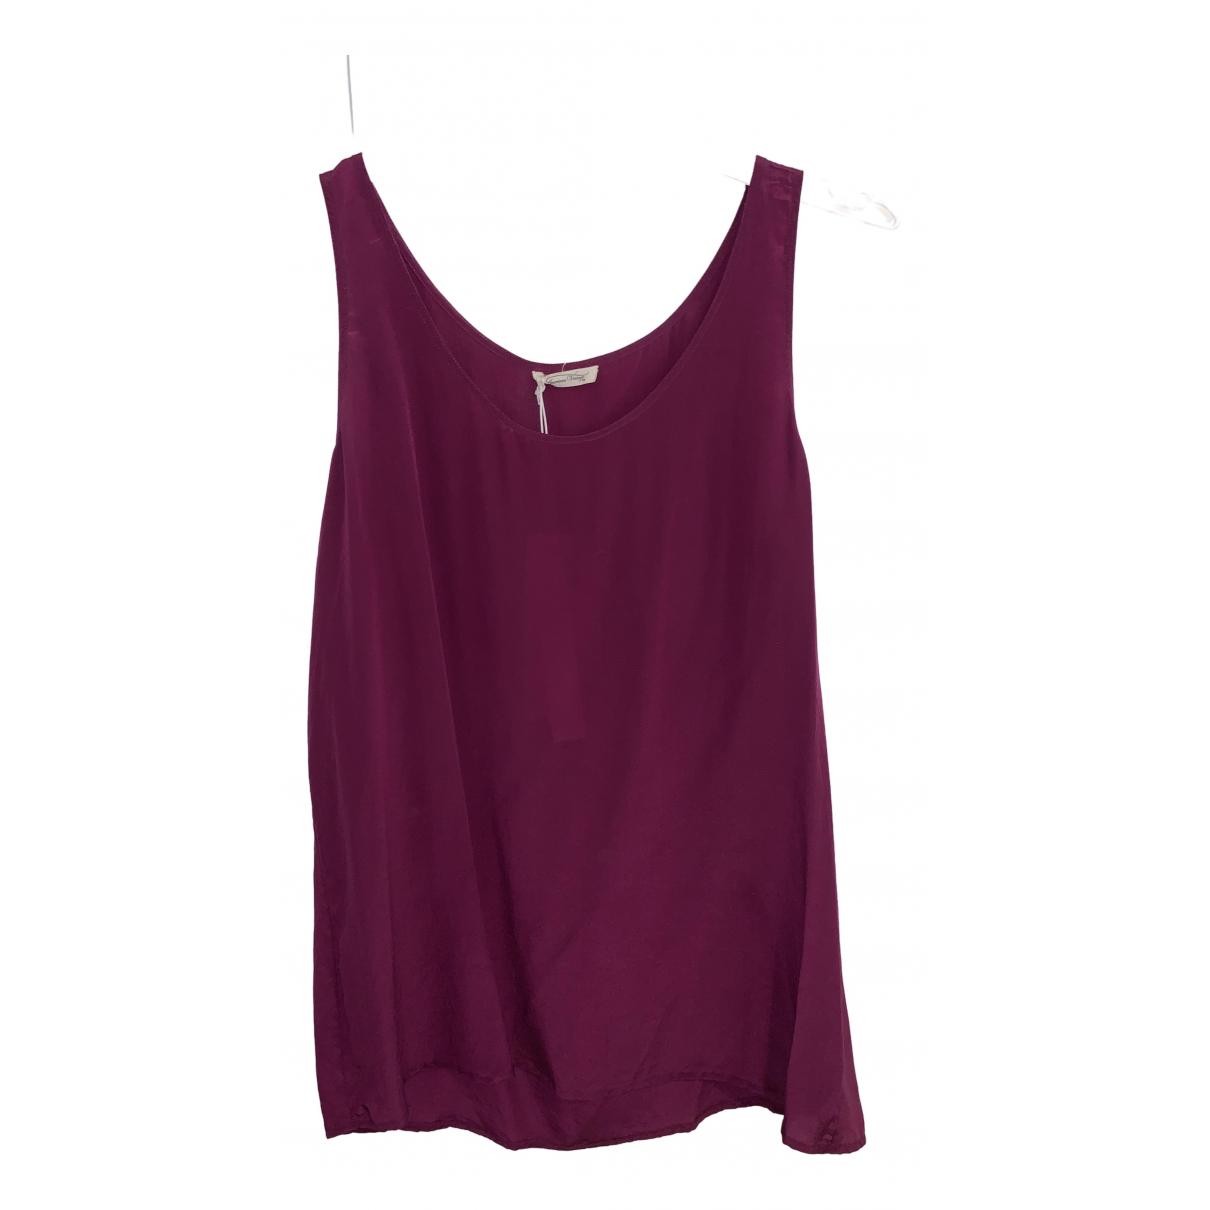 American Vintage - Top   pour femme en soie - violet